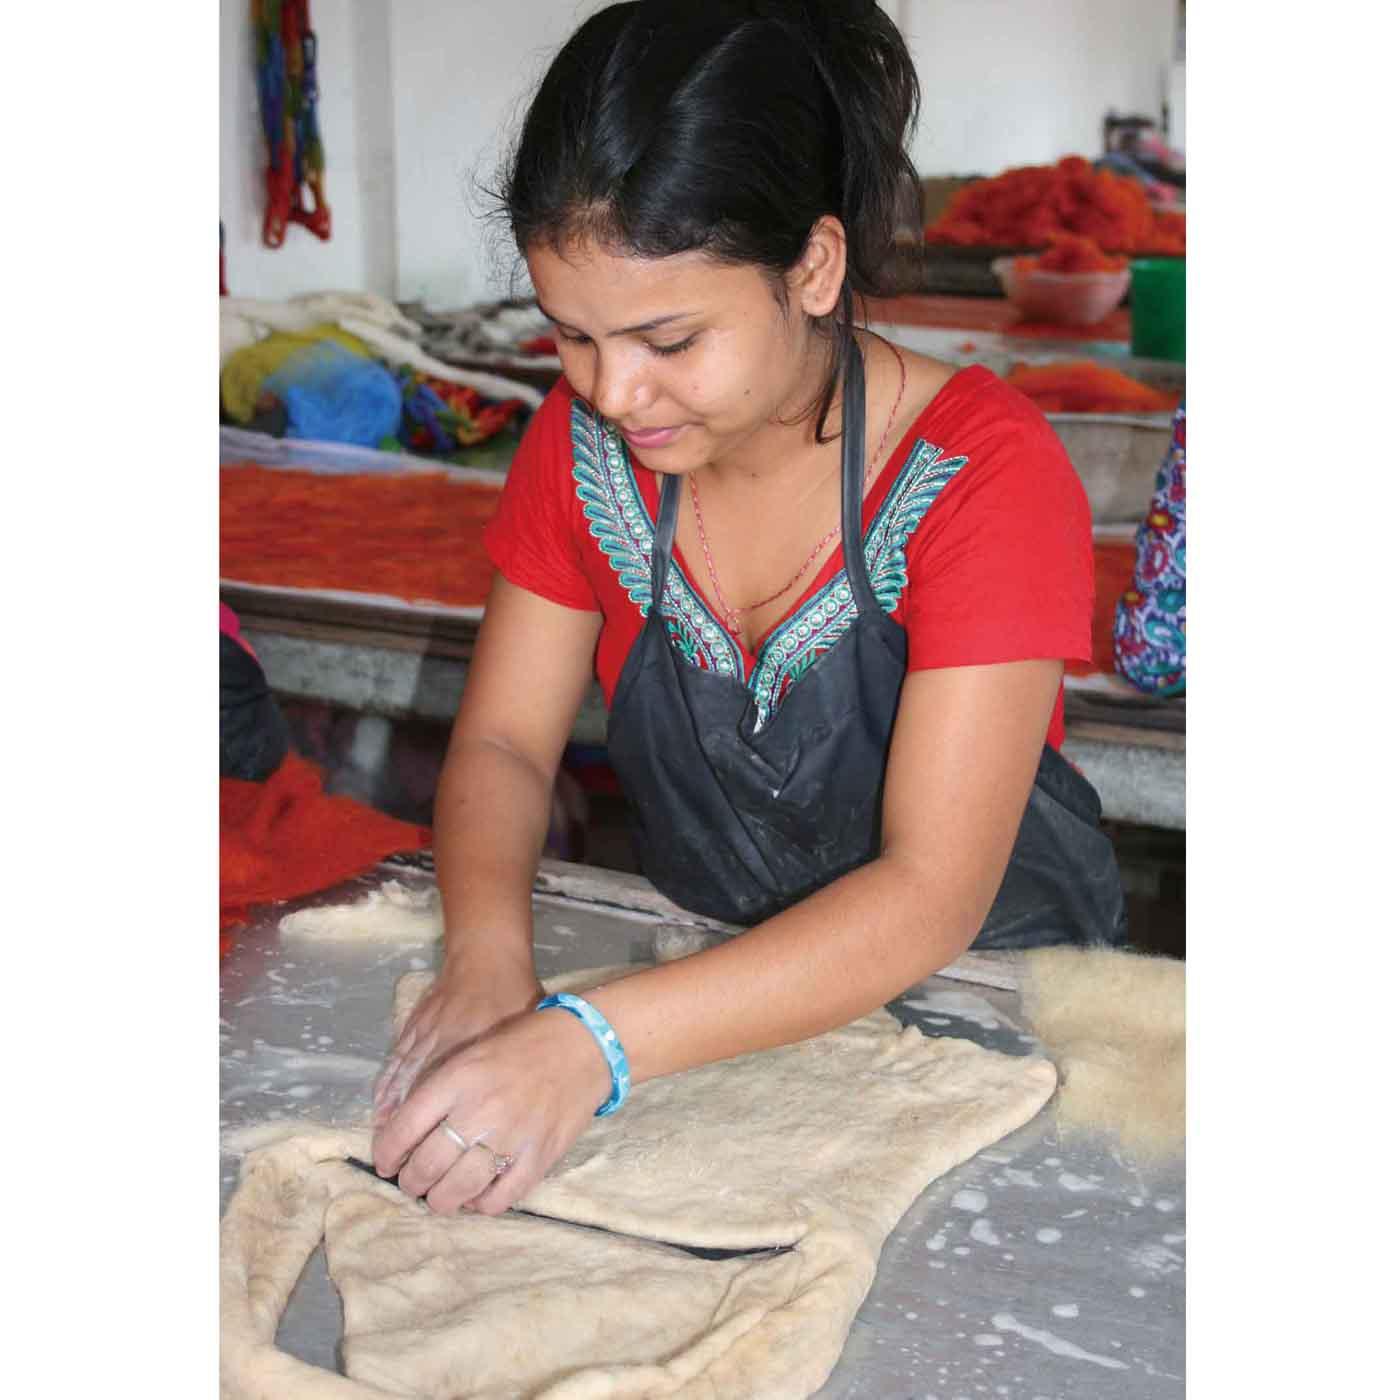 ウールの染色、乾燥のあと、フェルトを手でこねてていねいに成形。技術習得しやすいので、ネパールの女性が仕事を新たに始めるのにぴったり。